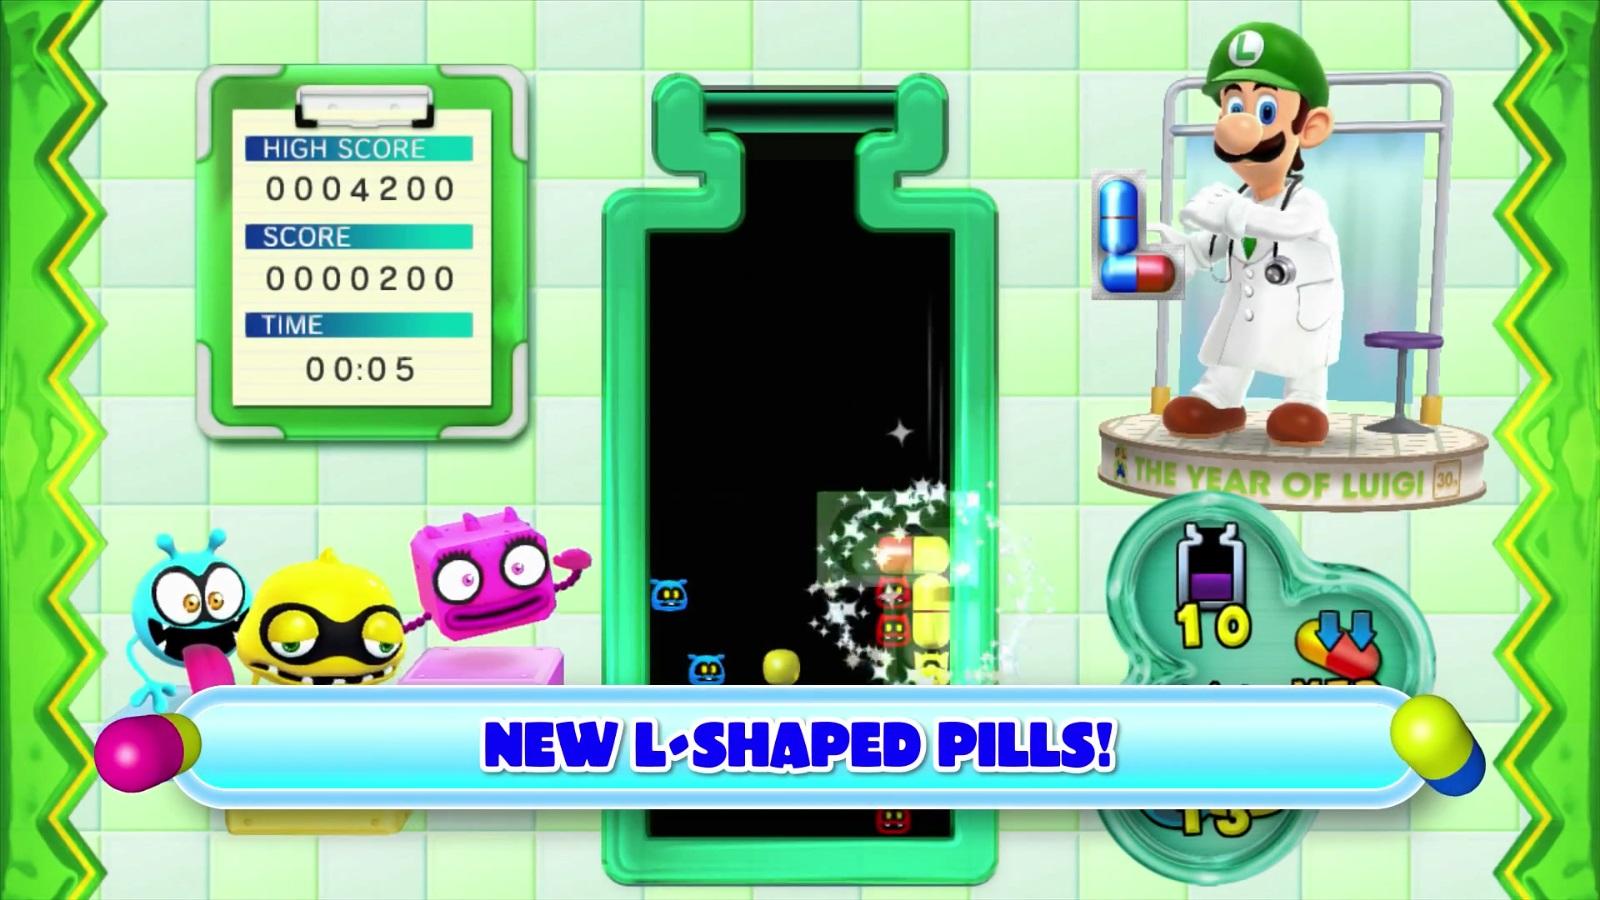 Dr.-Luigi-03